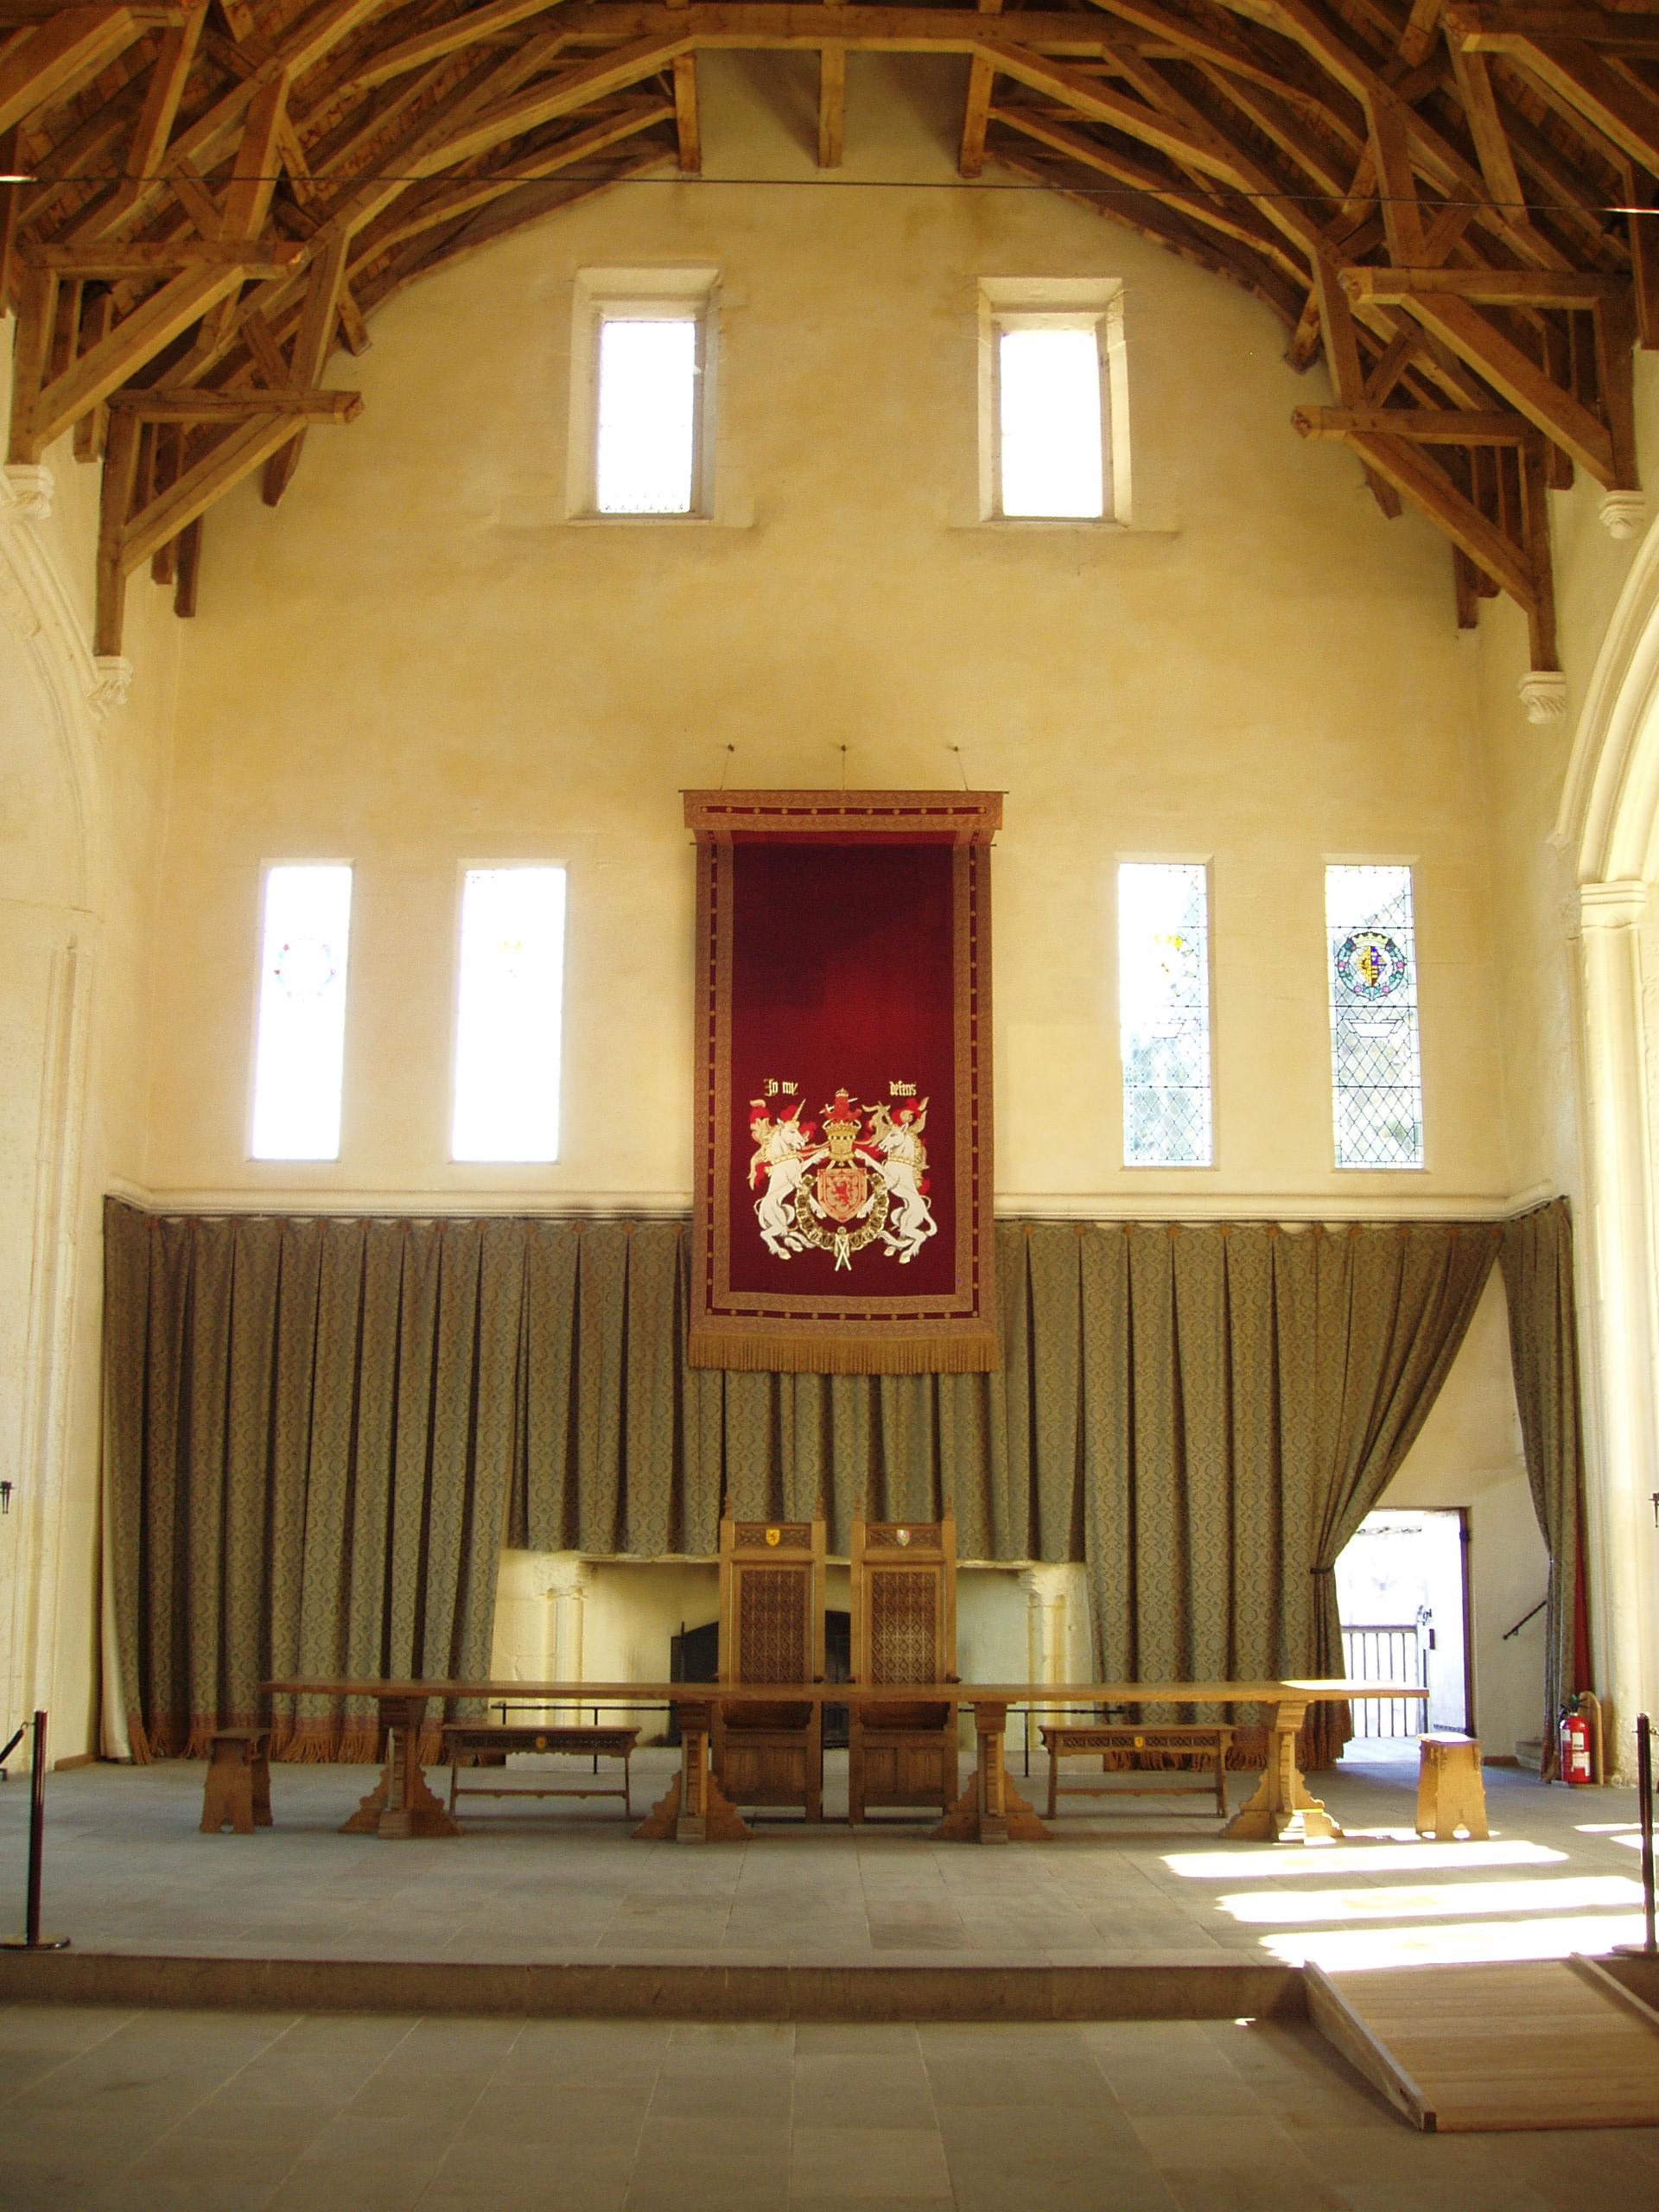 file:great hall interior - wikipedia